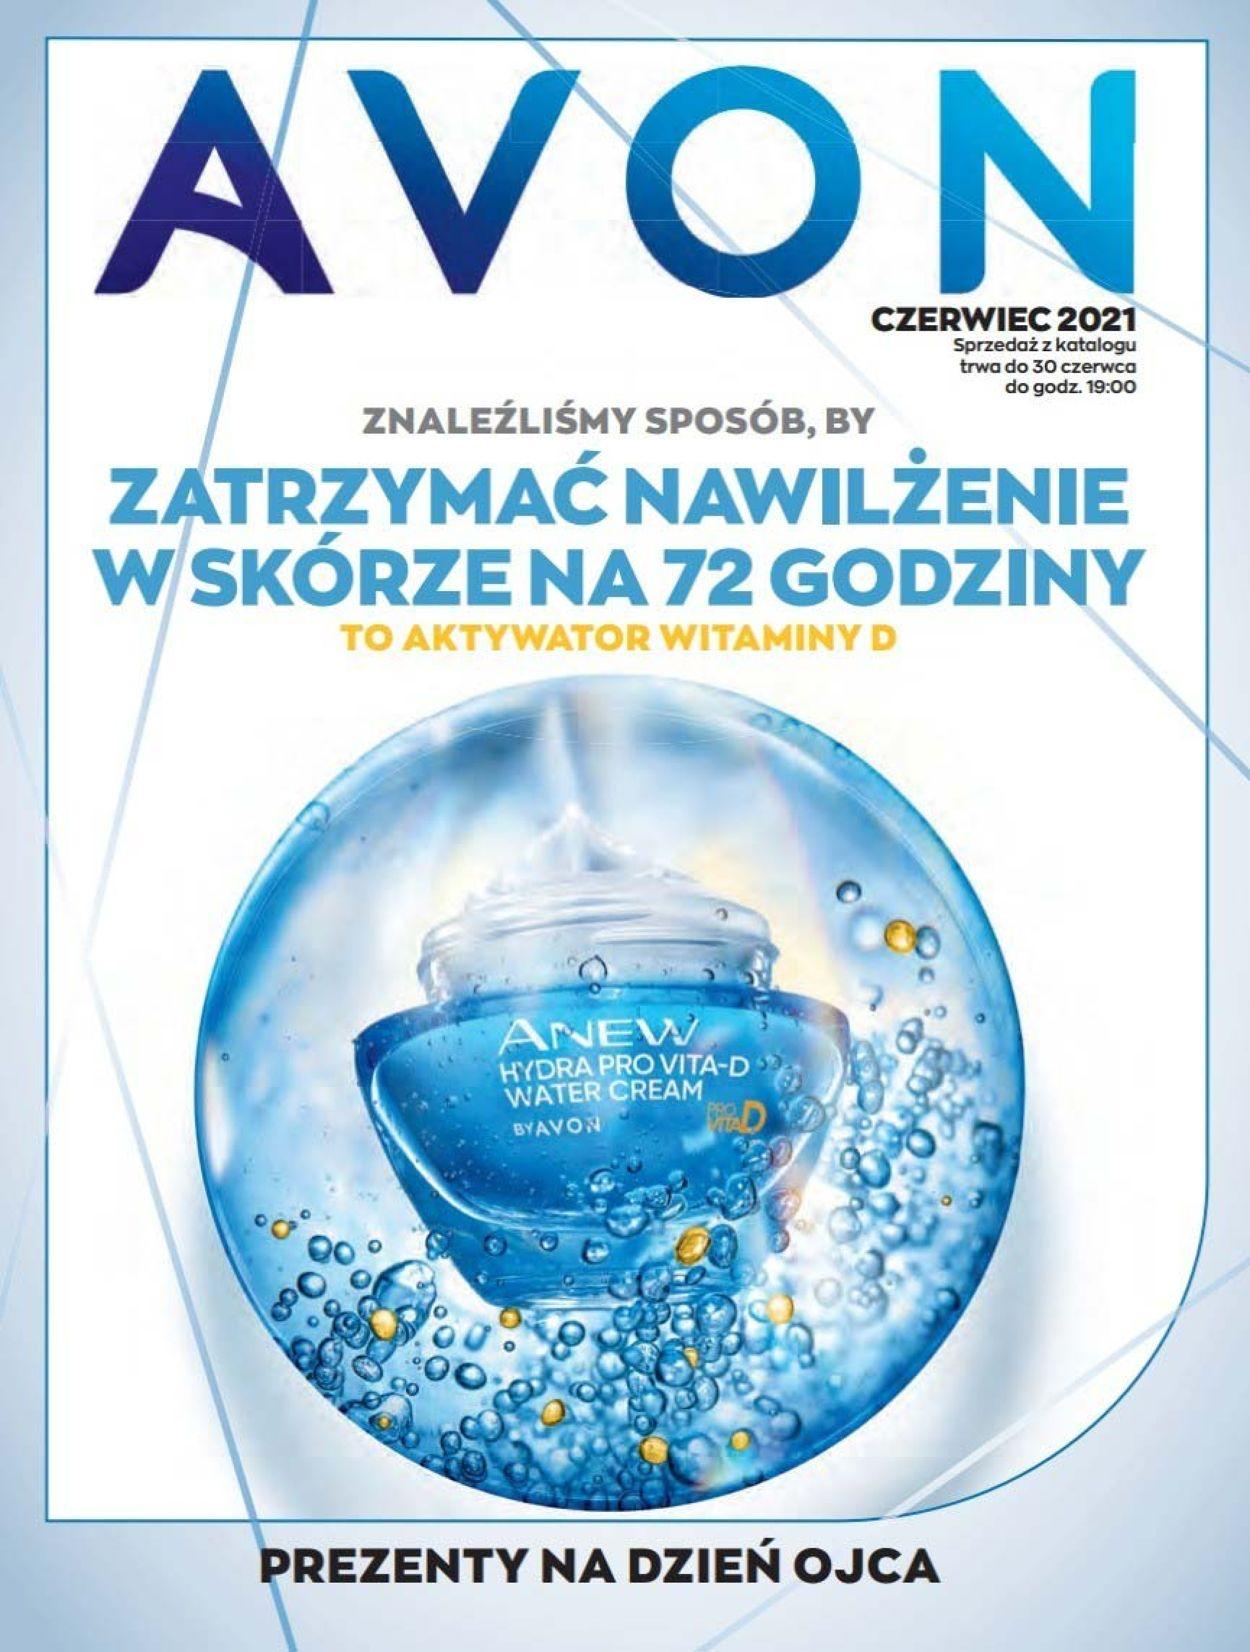 Gazetka promocyjna Avon - 01.06-30.06.2021